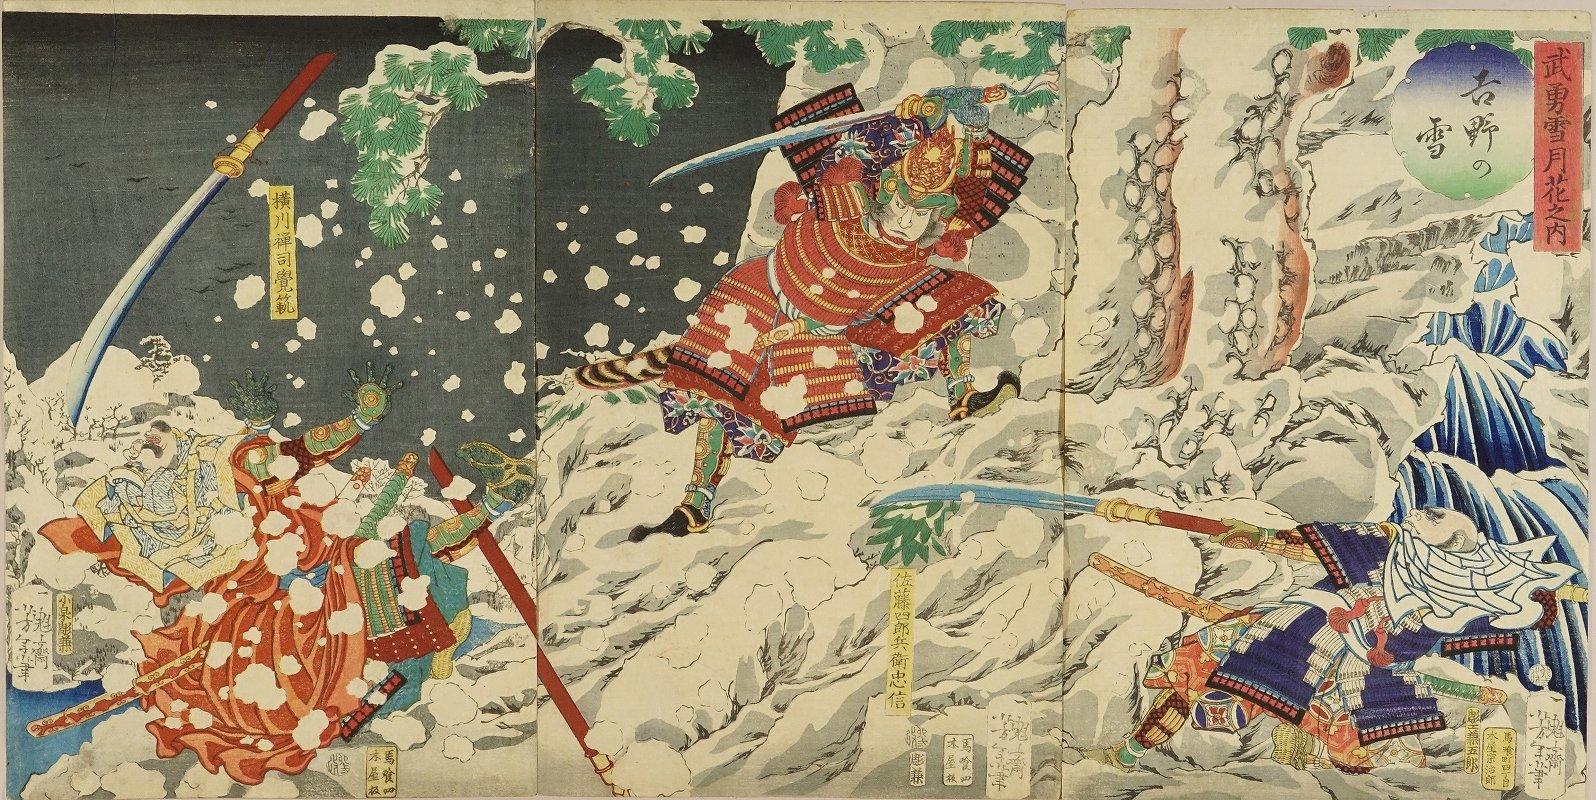 YOSHITOSHI Sato Tadanobu fighting at Yoshino after fleeing Minamoto no Yoshitsune, titled <i>Yoshino no yuki</i> (Snow at Yoshino), from <i>Buyu setsugekka no uchi</i> (Snow, moon and flower with heroes), triptych